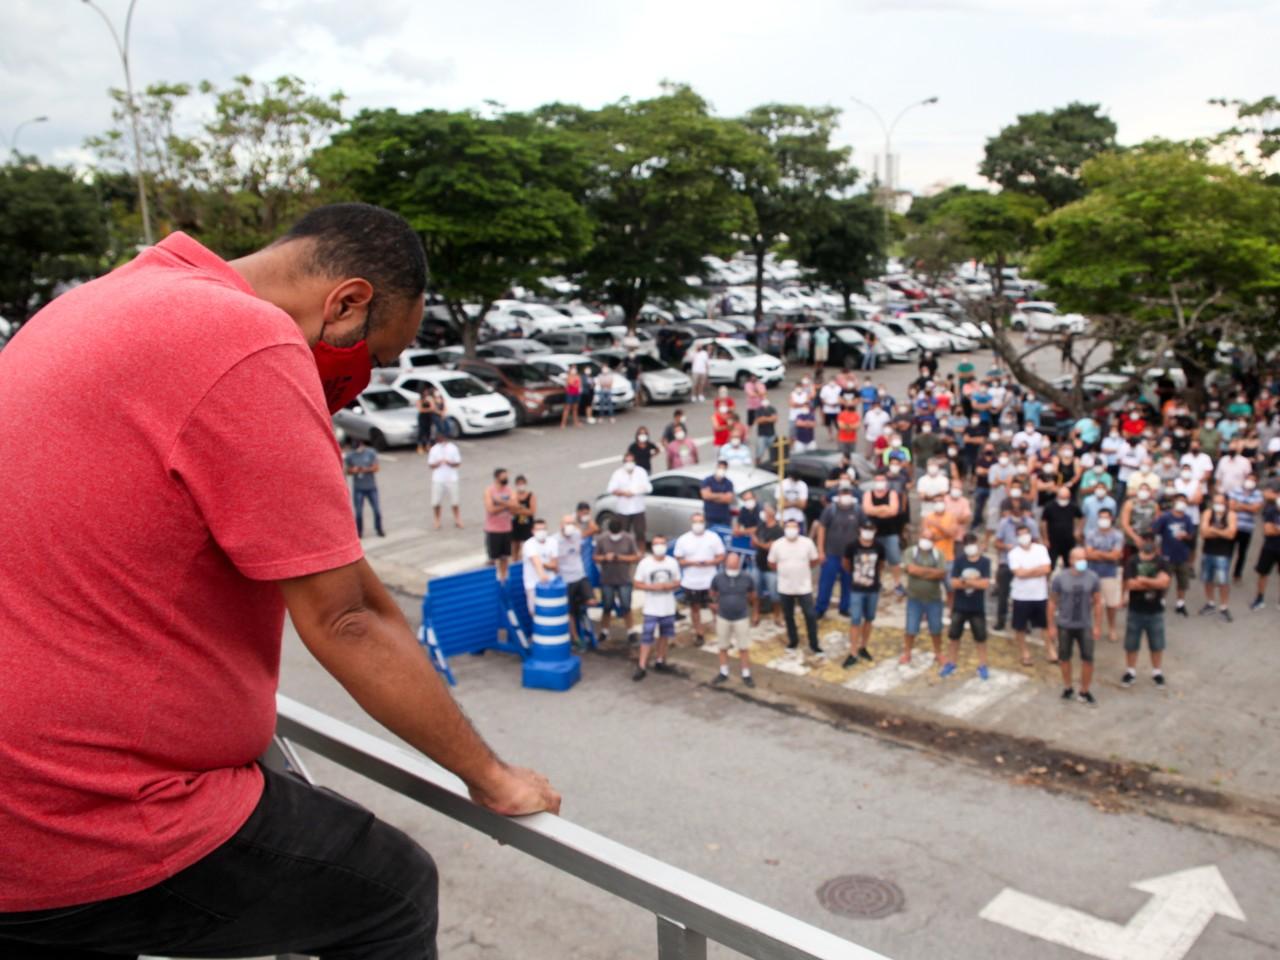 Justiça suspende demissão coletiva de funcionários da Ford na Bahia